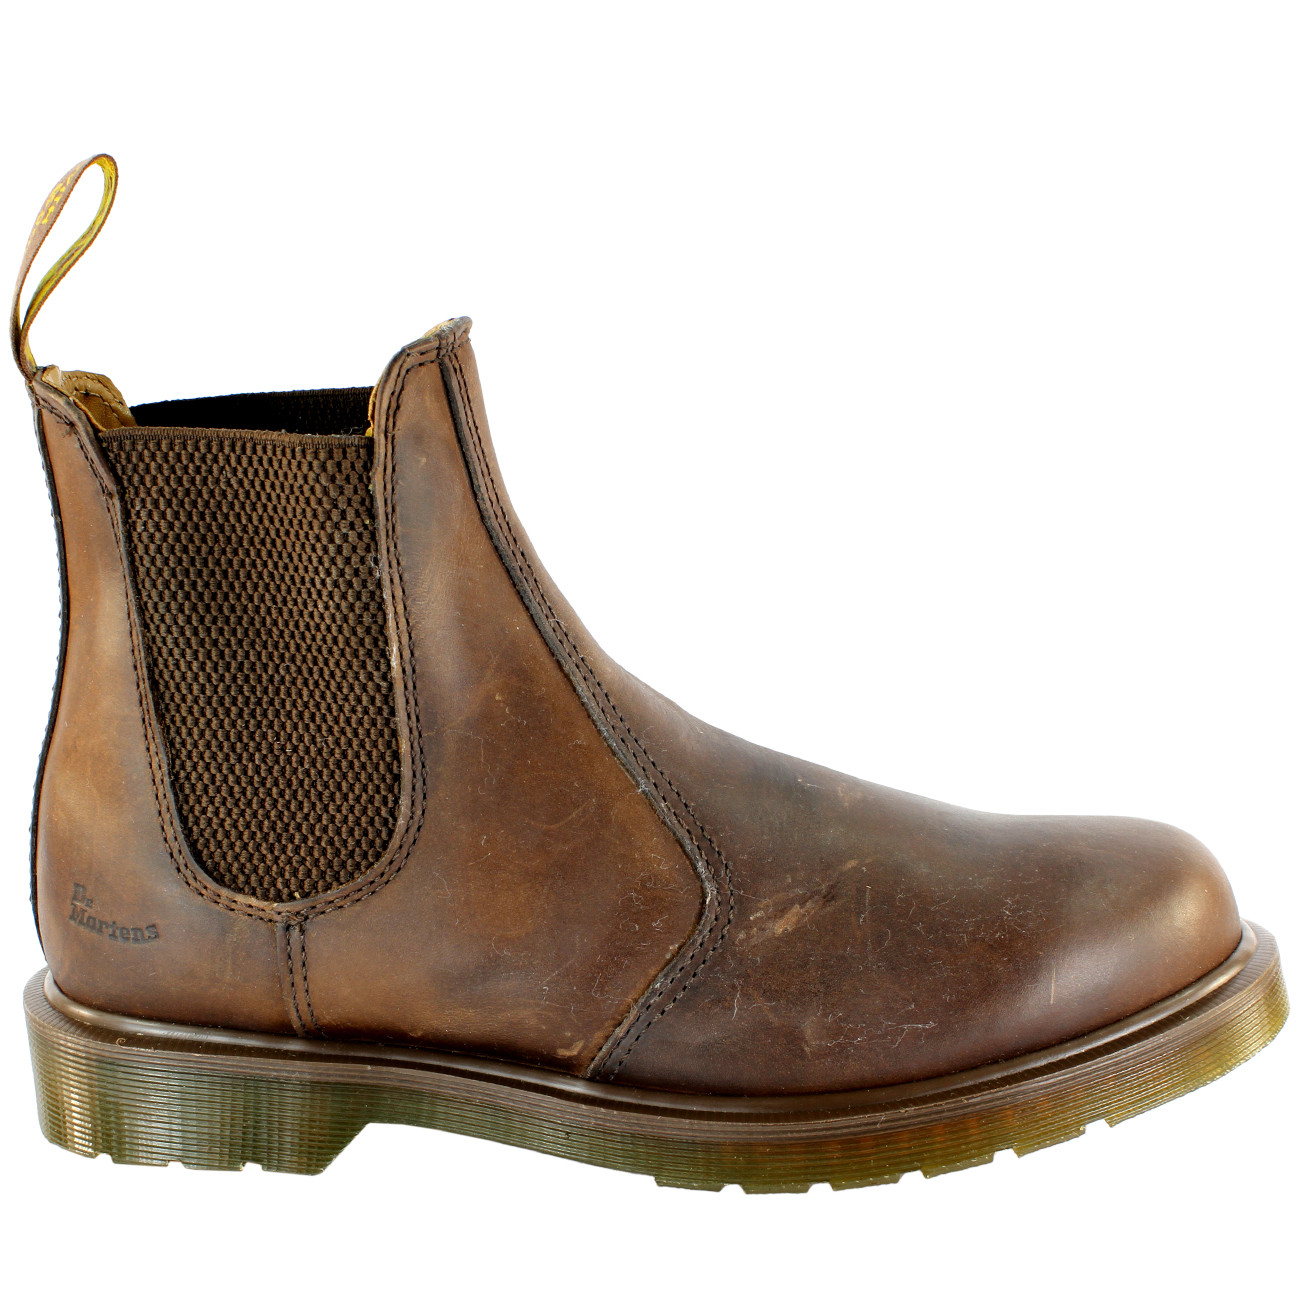 Womens Dr Martens Airwair Heel Leather Chelsea Style Low Heel Airwair Ankle Boot UK Sizes 3-8 b21b74